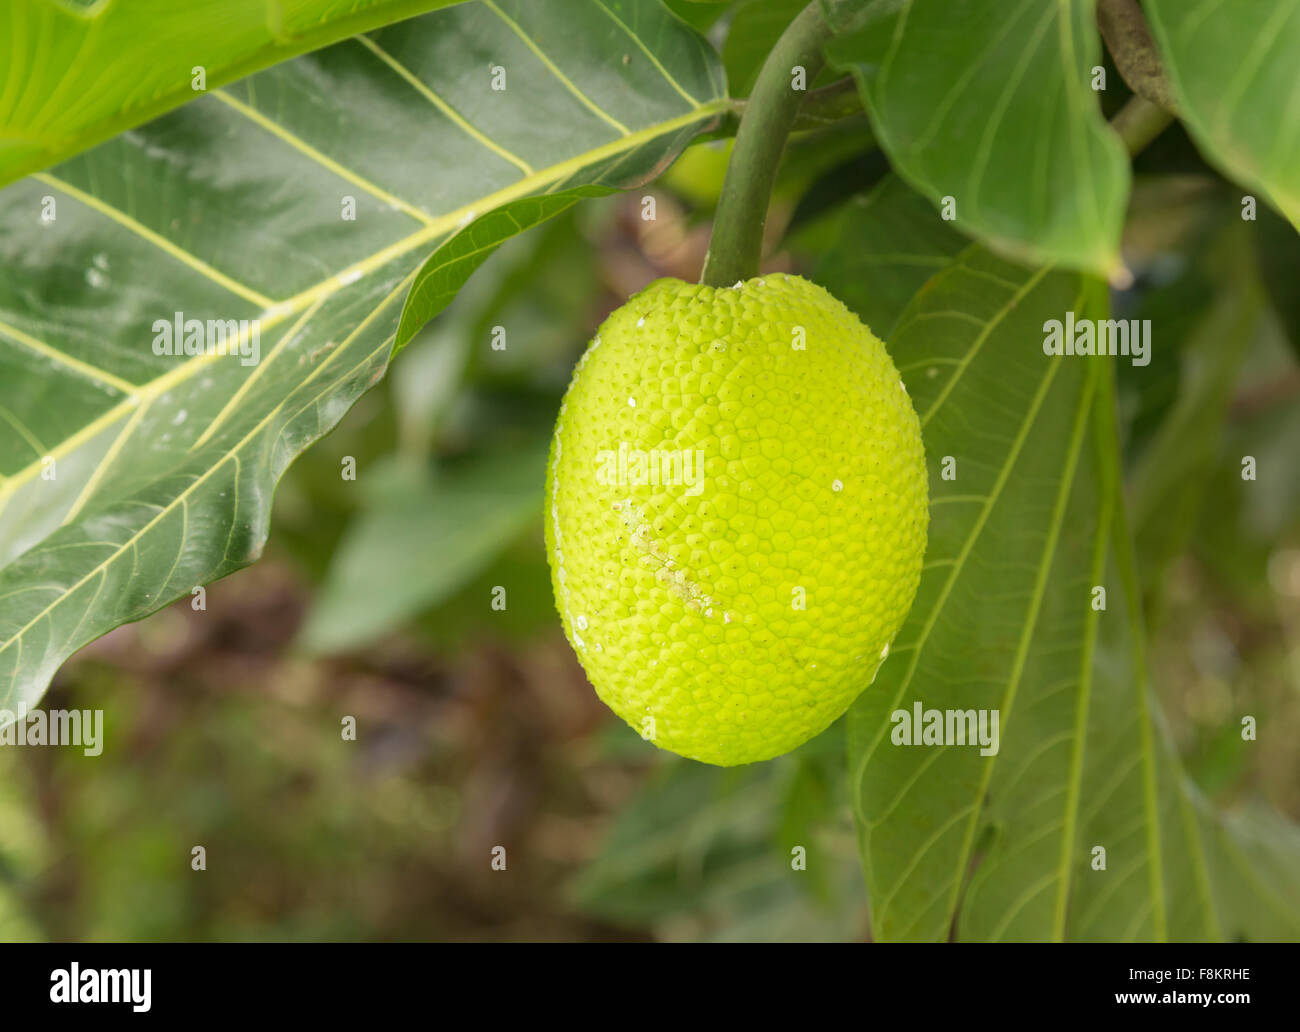 Brotfrucht Obstbau auf Baum in Plantage auf Kauai, Hawaii Stockbild